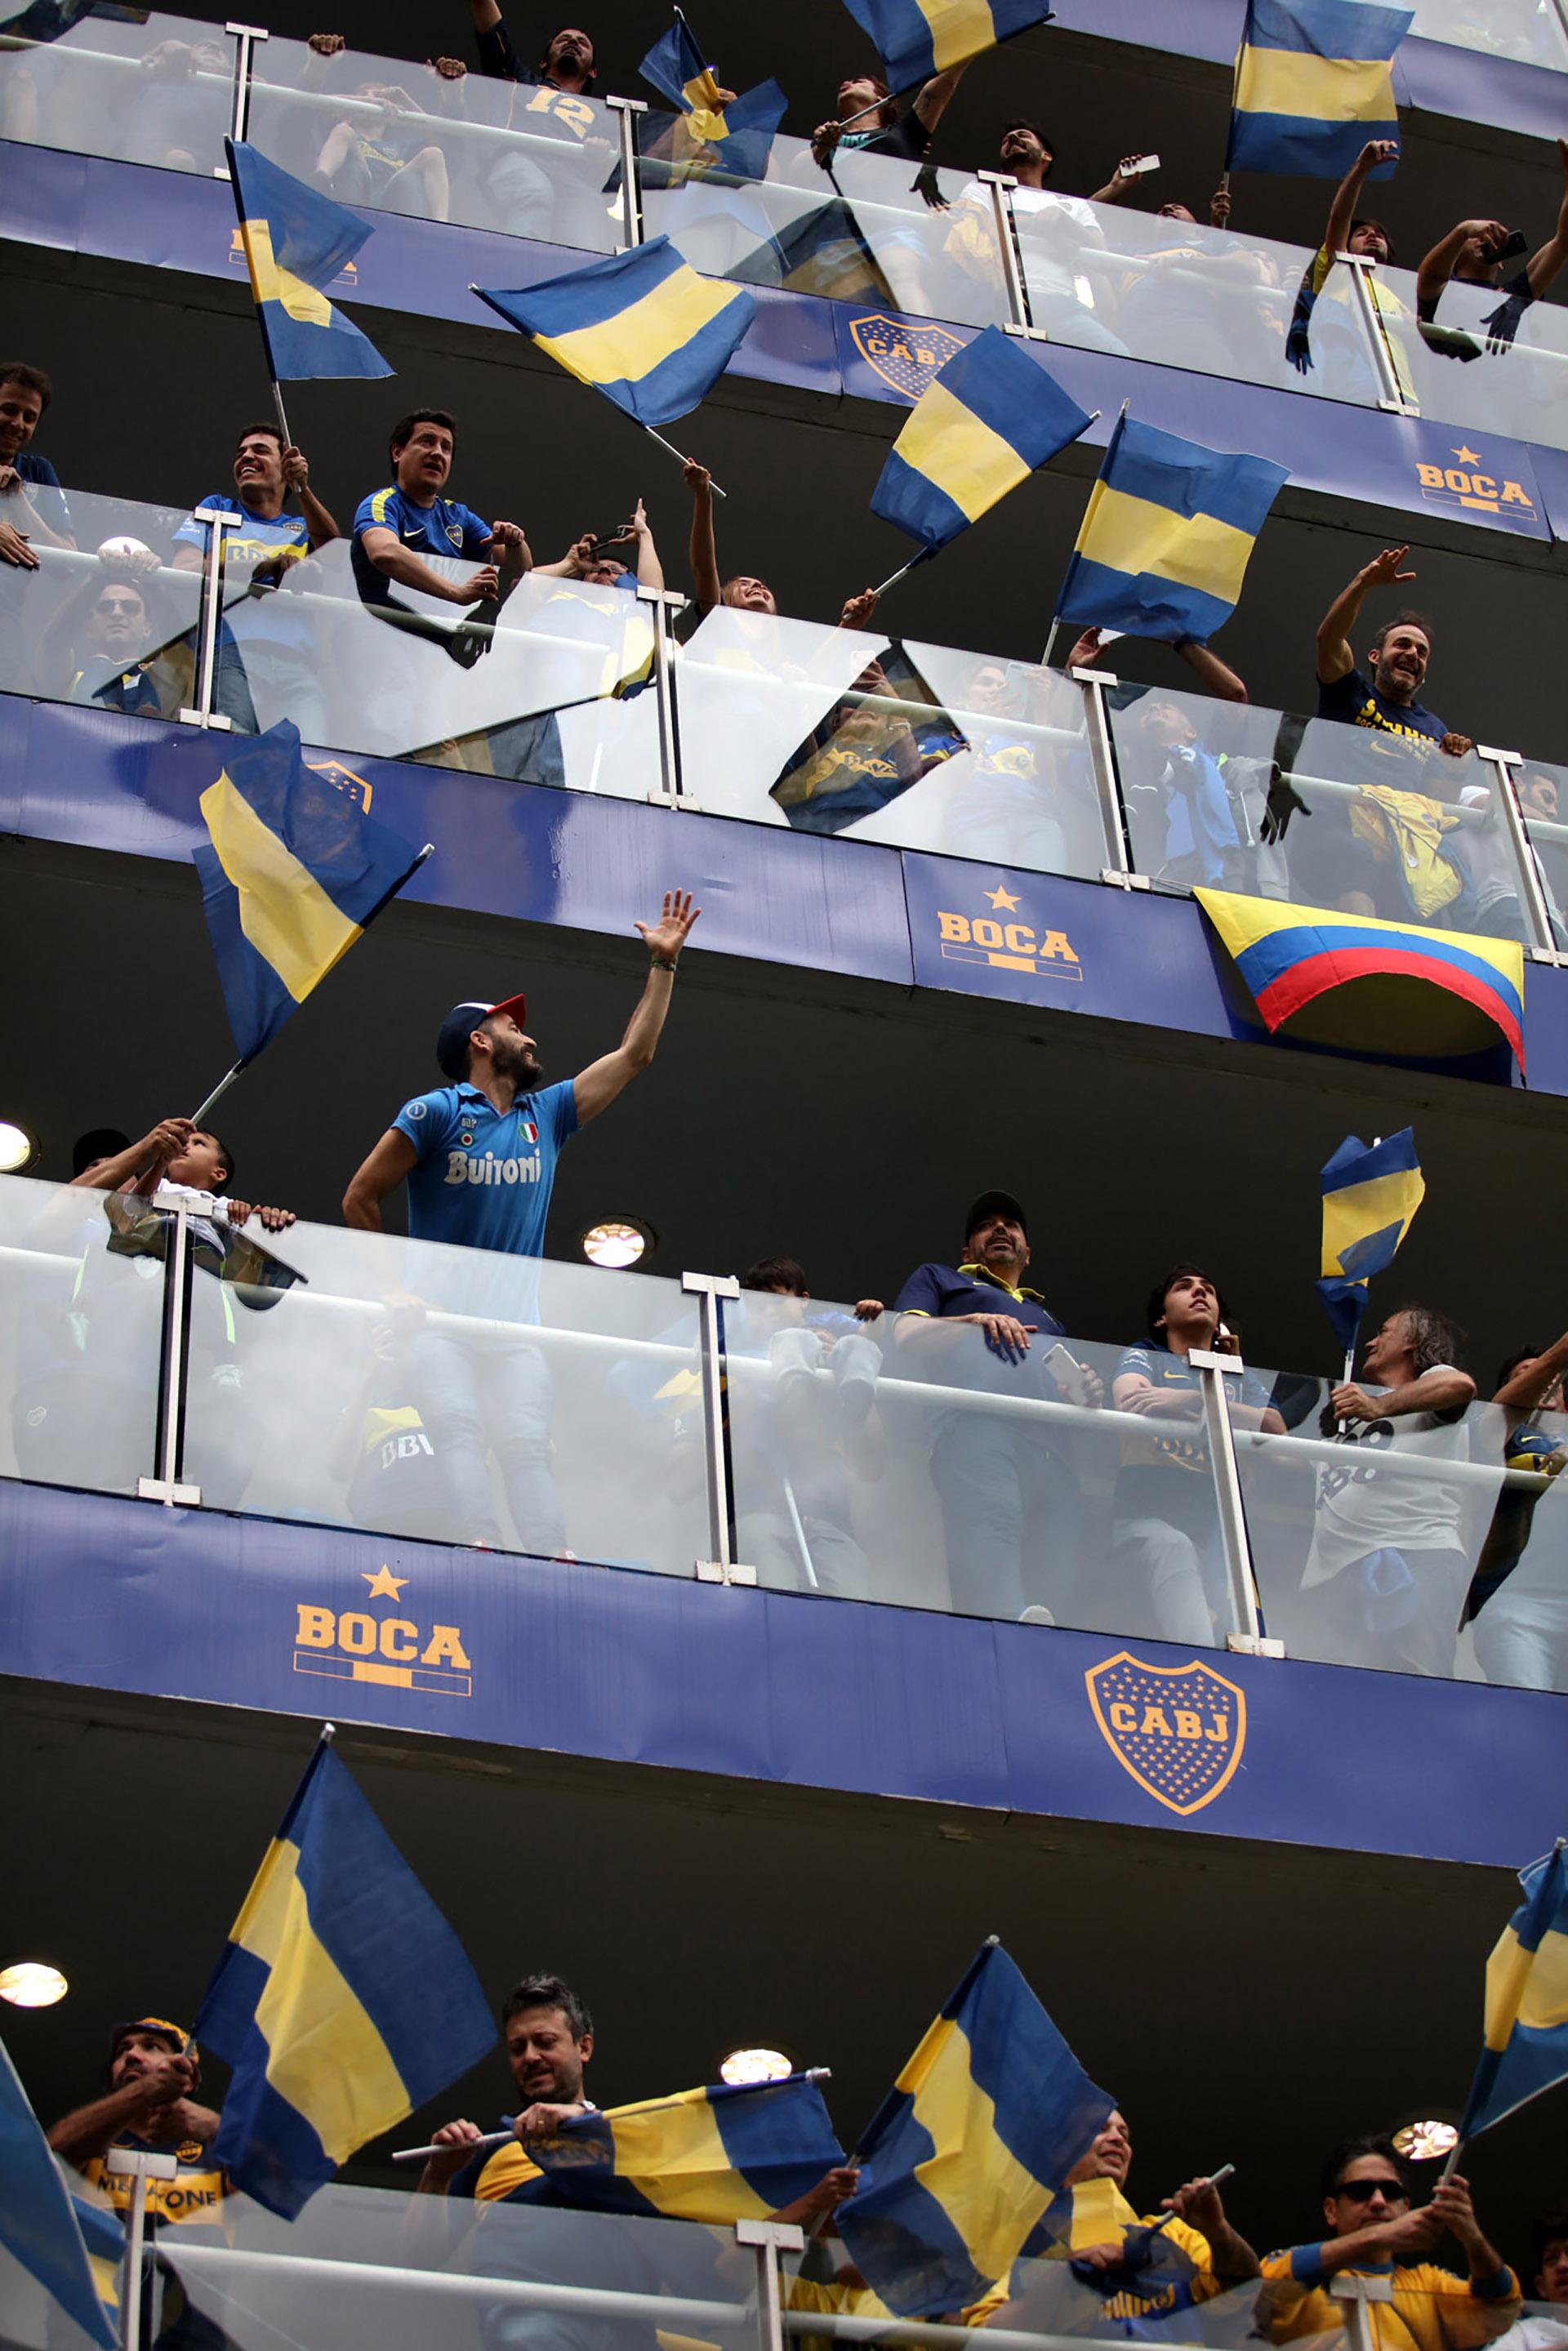 Hubo colombianos presentes en los palcos